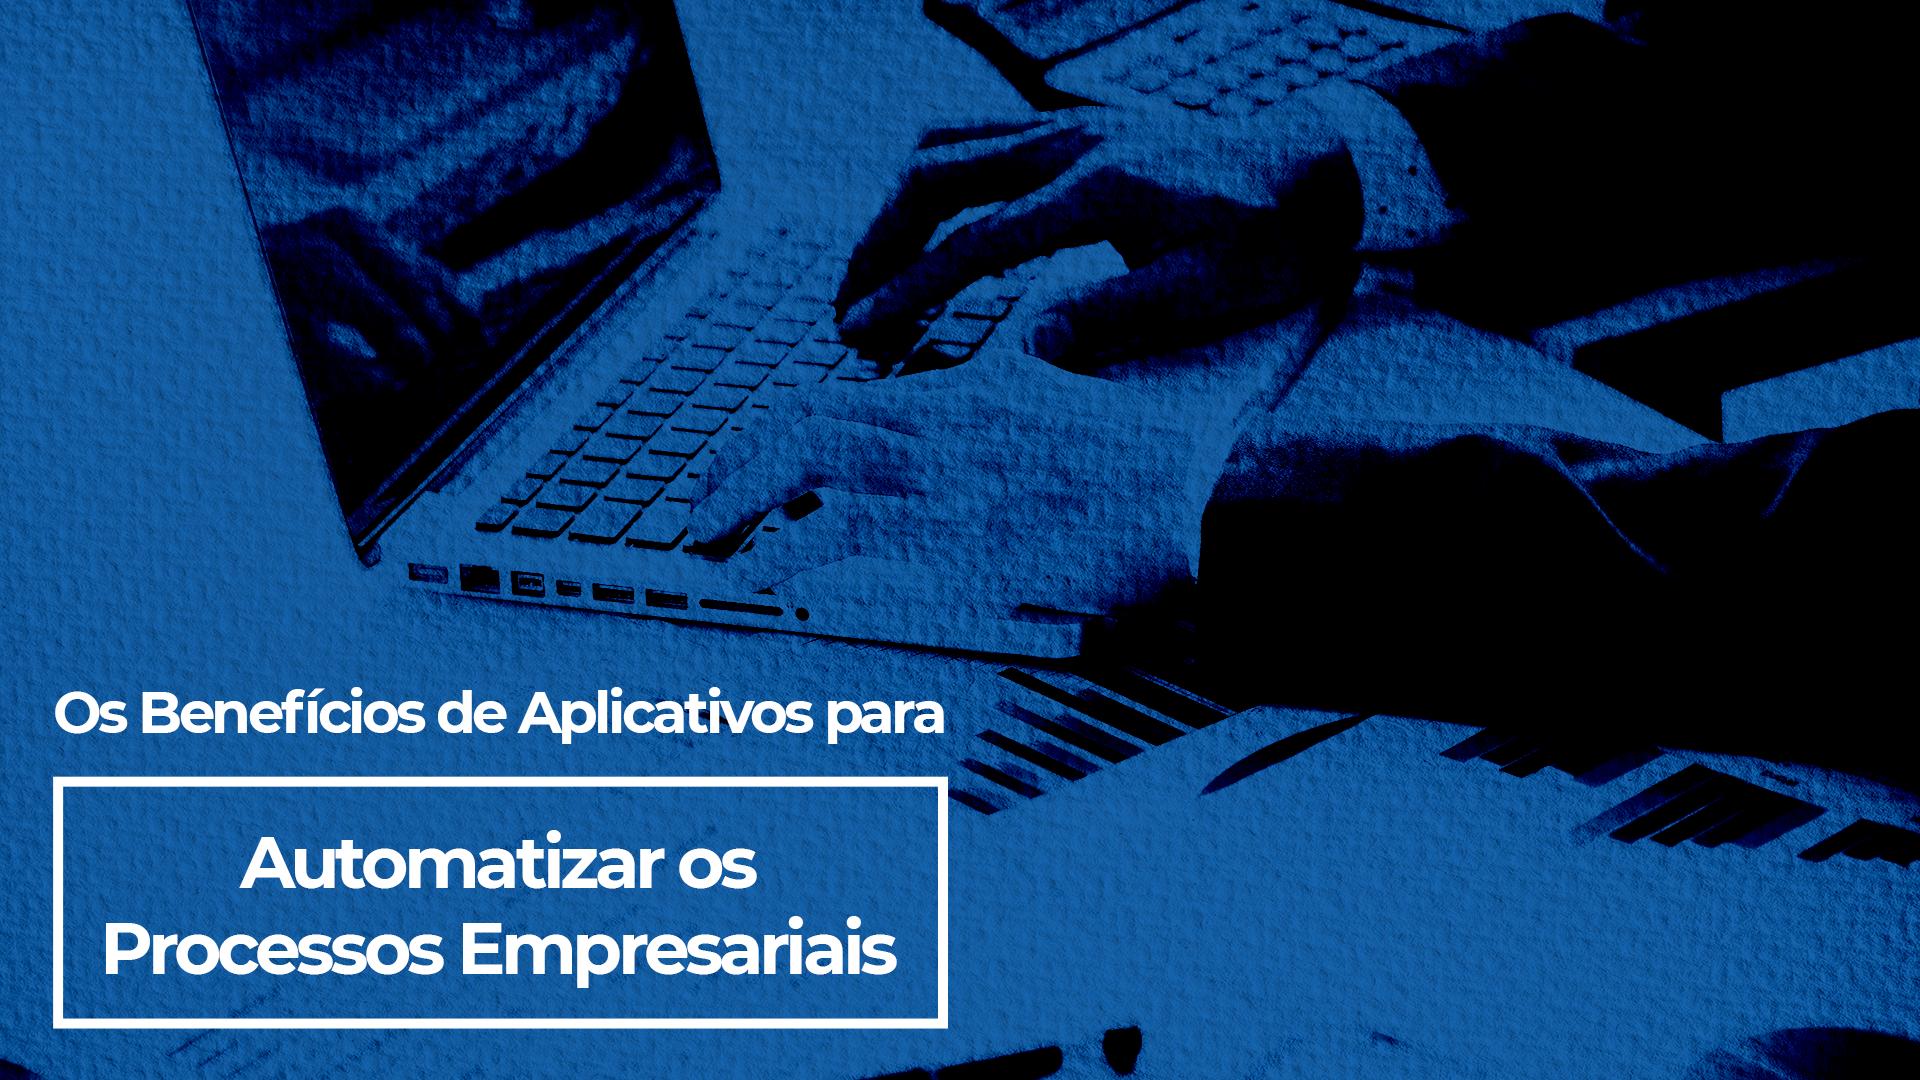 Os benefícios na integração de aplicativos para automatizar os processos empresariais, é crucial